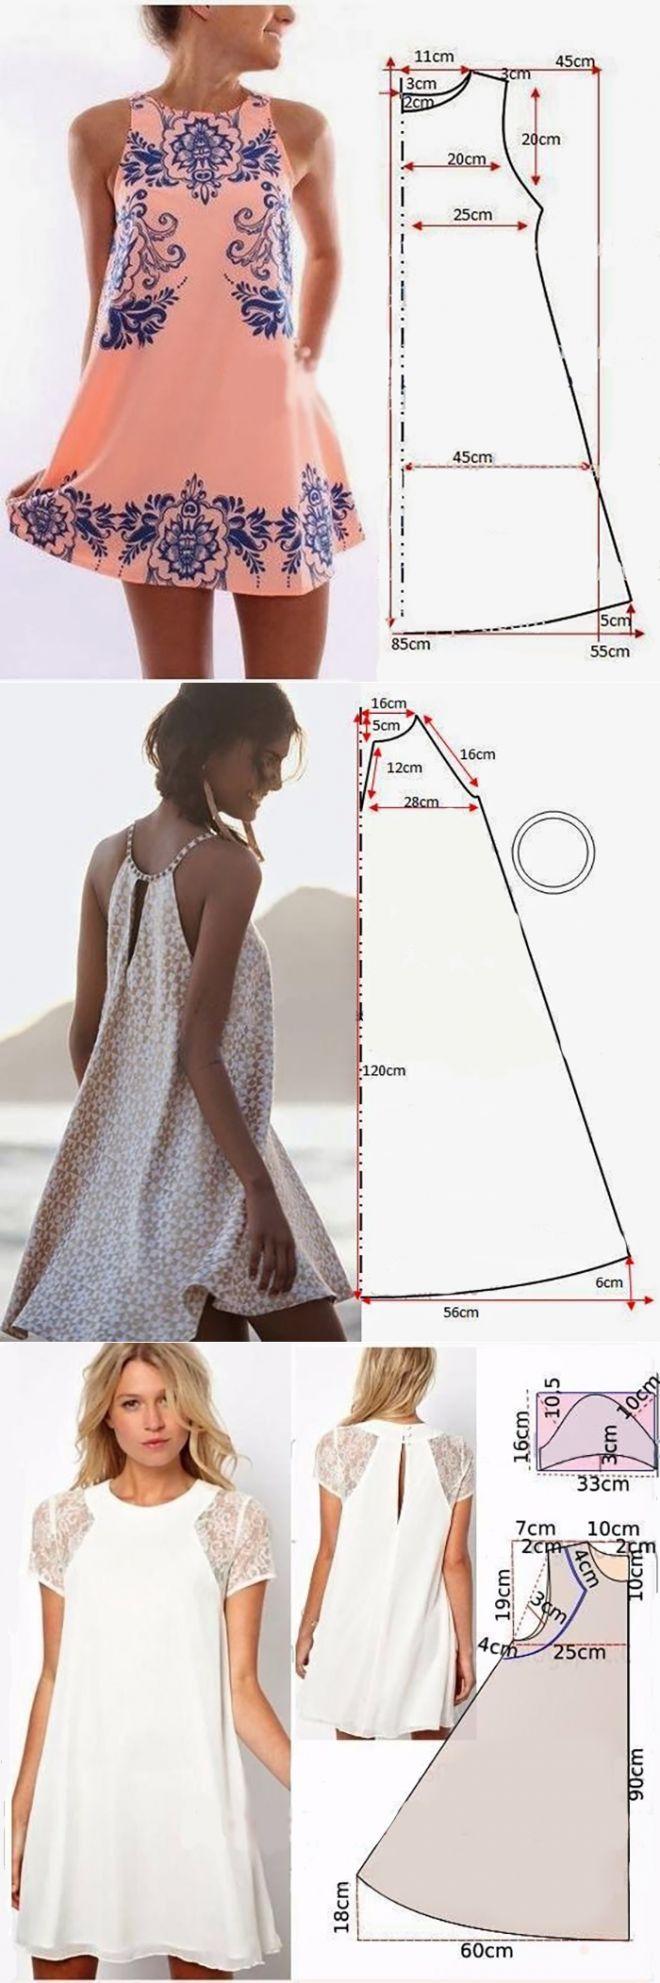 Как сшить летнее платье своими руками - Страна Handmade 97